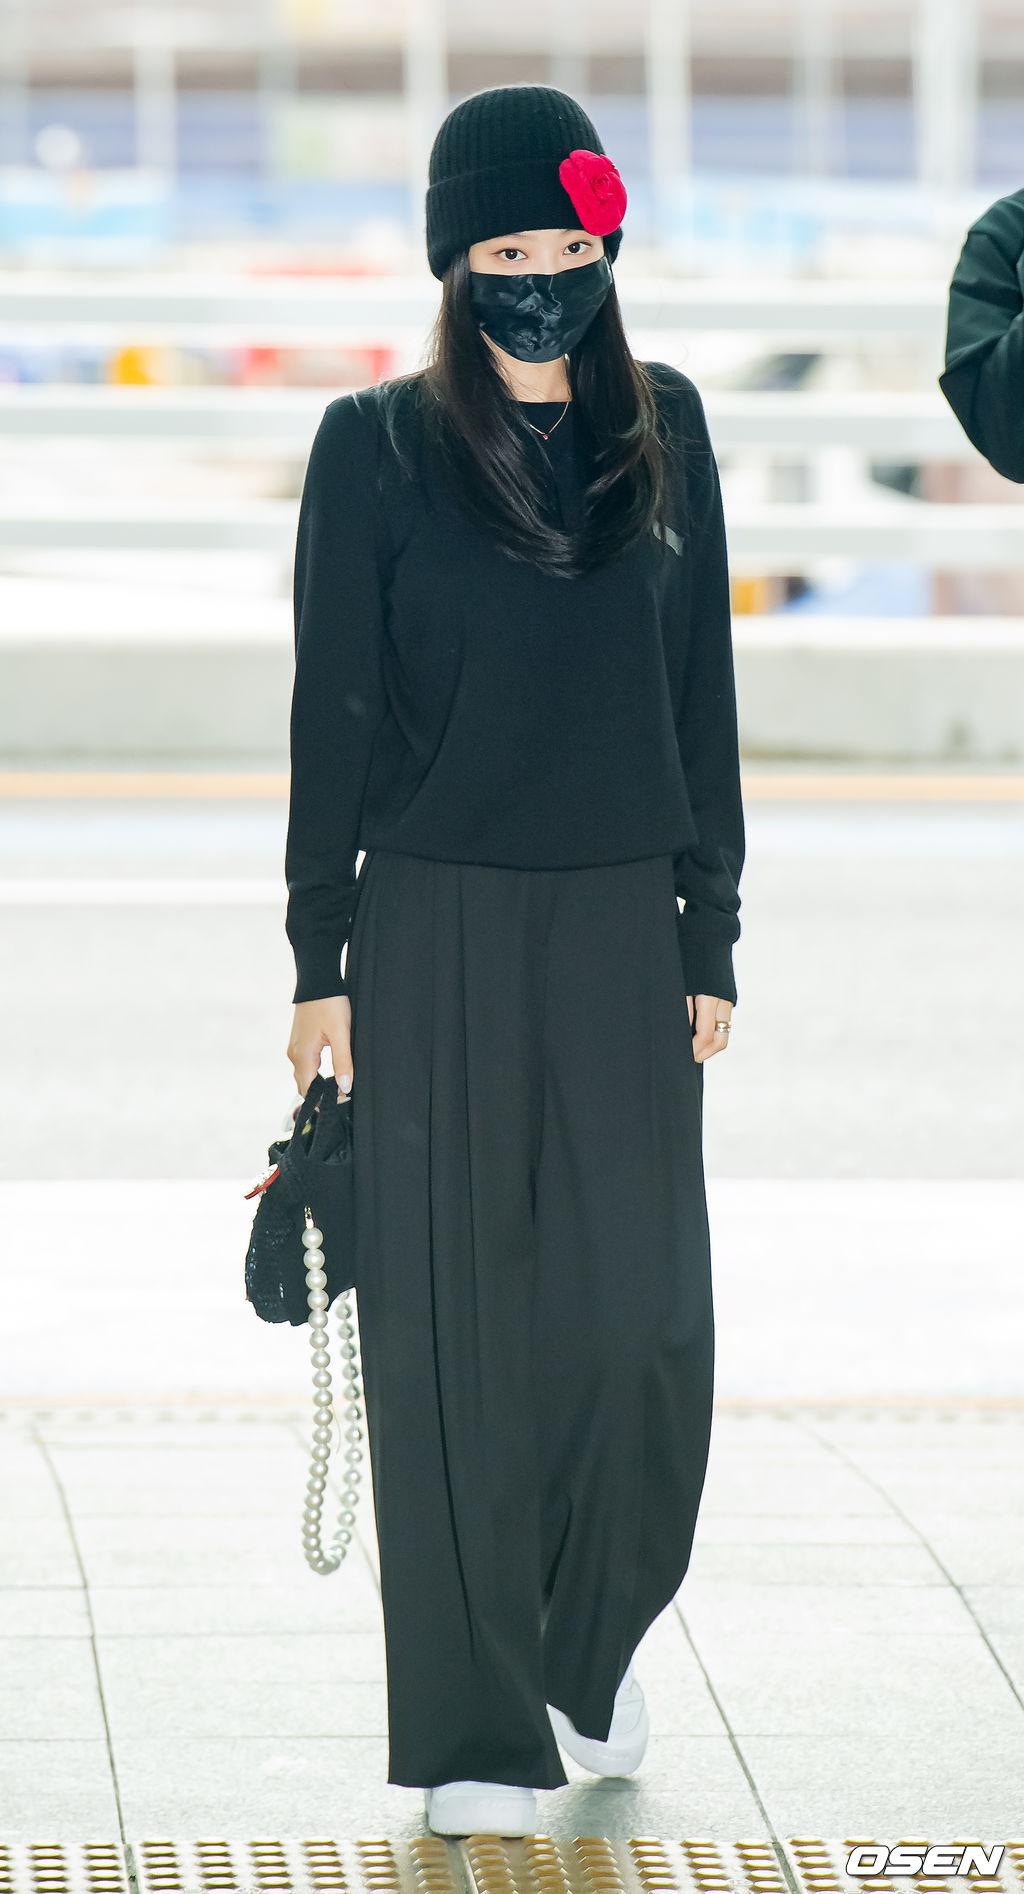 Trong lần ra sân bay này, Jennie chơi style đen cả cây, trong đó chiếc túi xách Chanel và mũ beanie làm điểm nhấn.